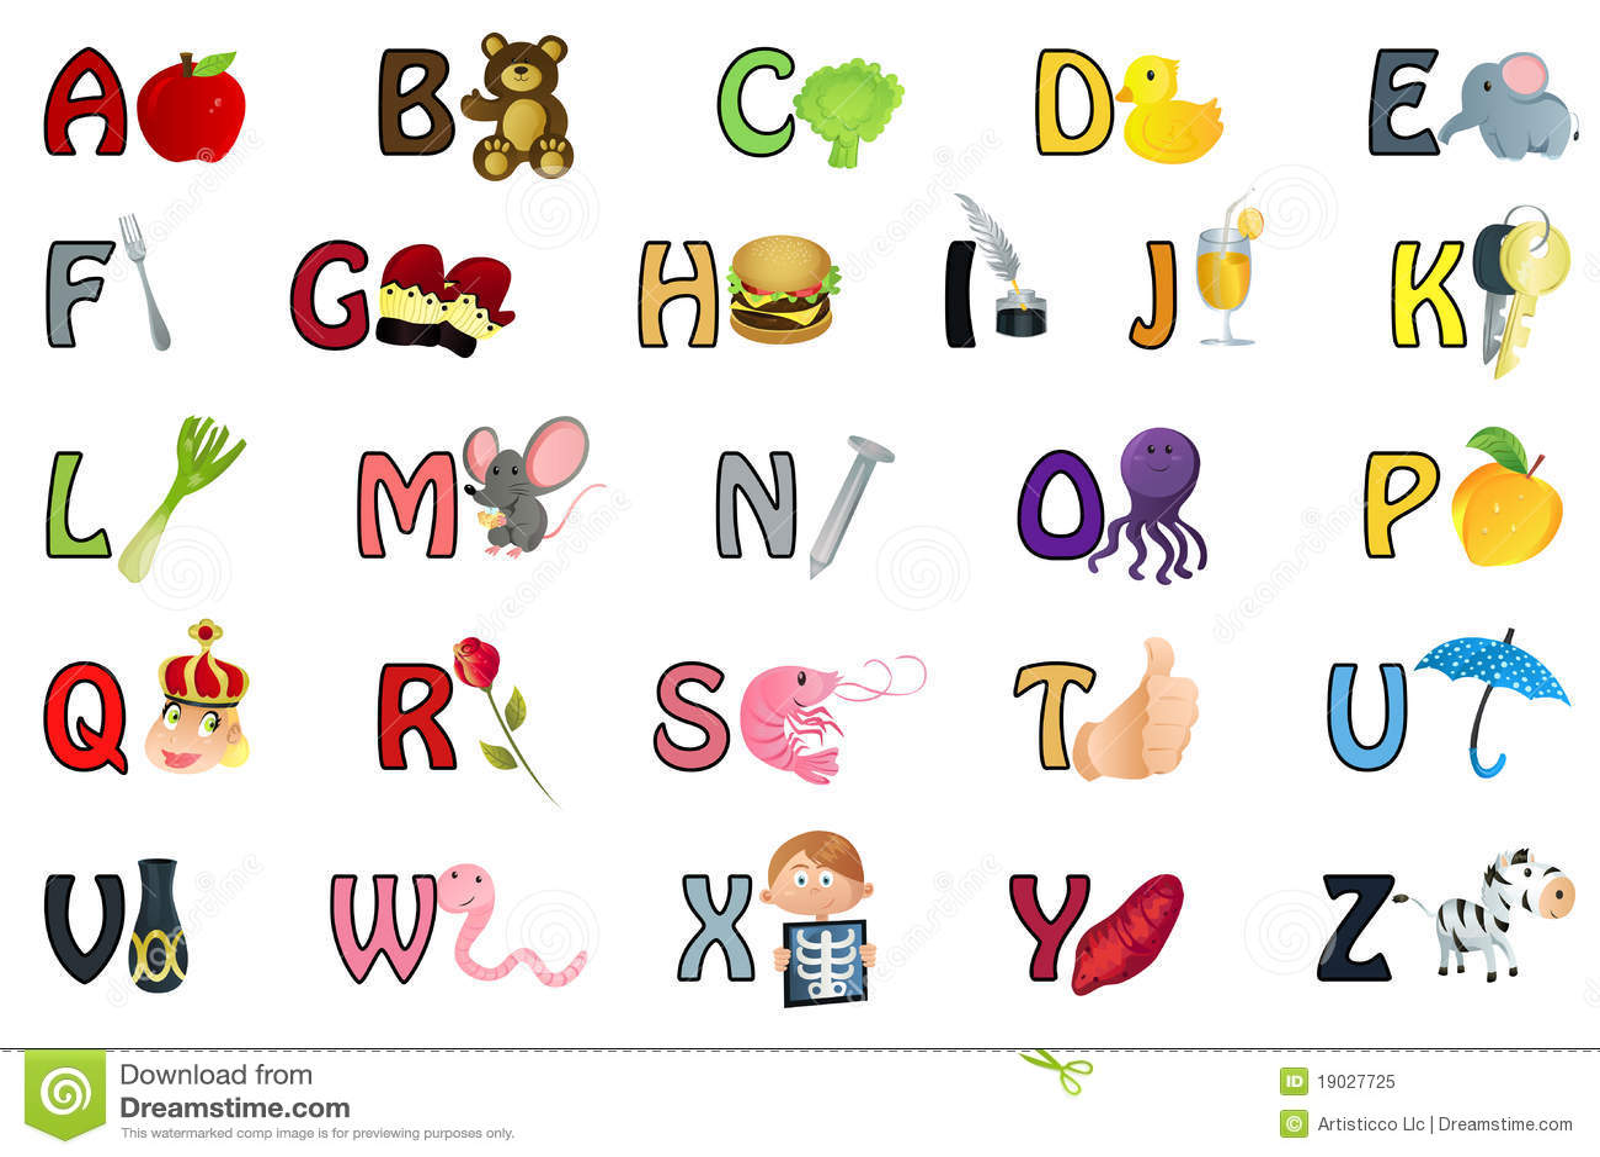 Alphabet Illustration Royalty Free Stock Photo Image